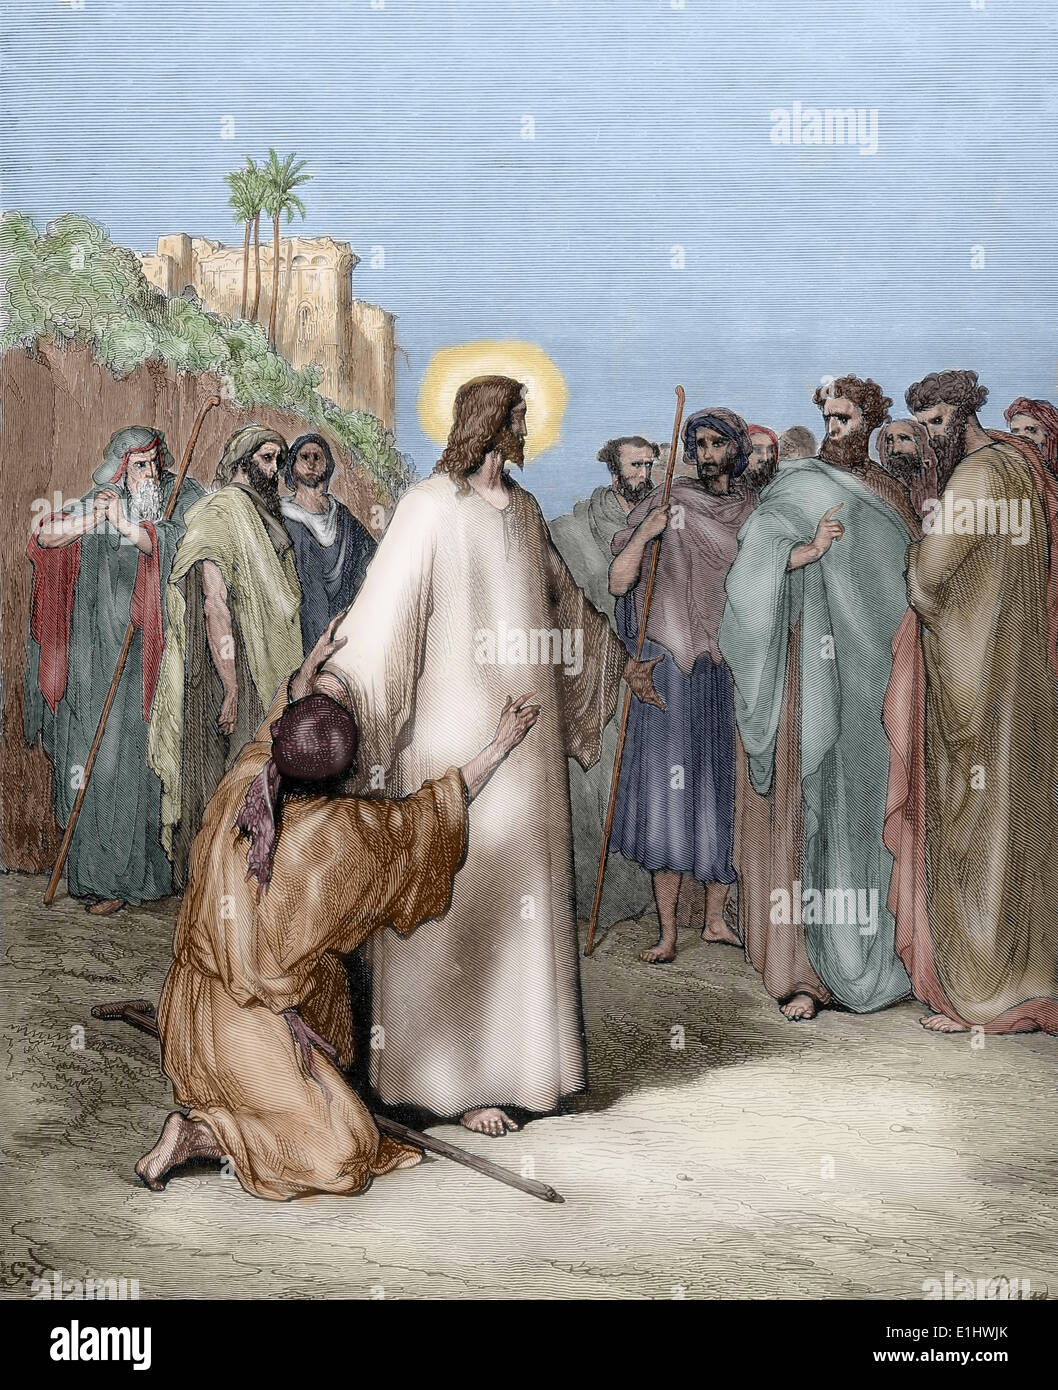 Neuen Testaments. Jesus heilt einen Dämonen besessen stumm. Evangelium des Matthäus. Zeichnung von Gustave Dore. Farbige. Stockbild